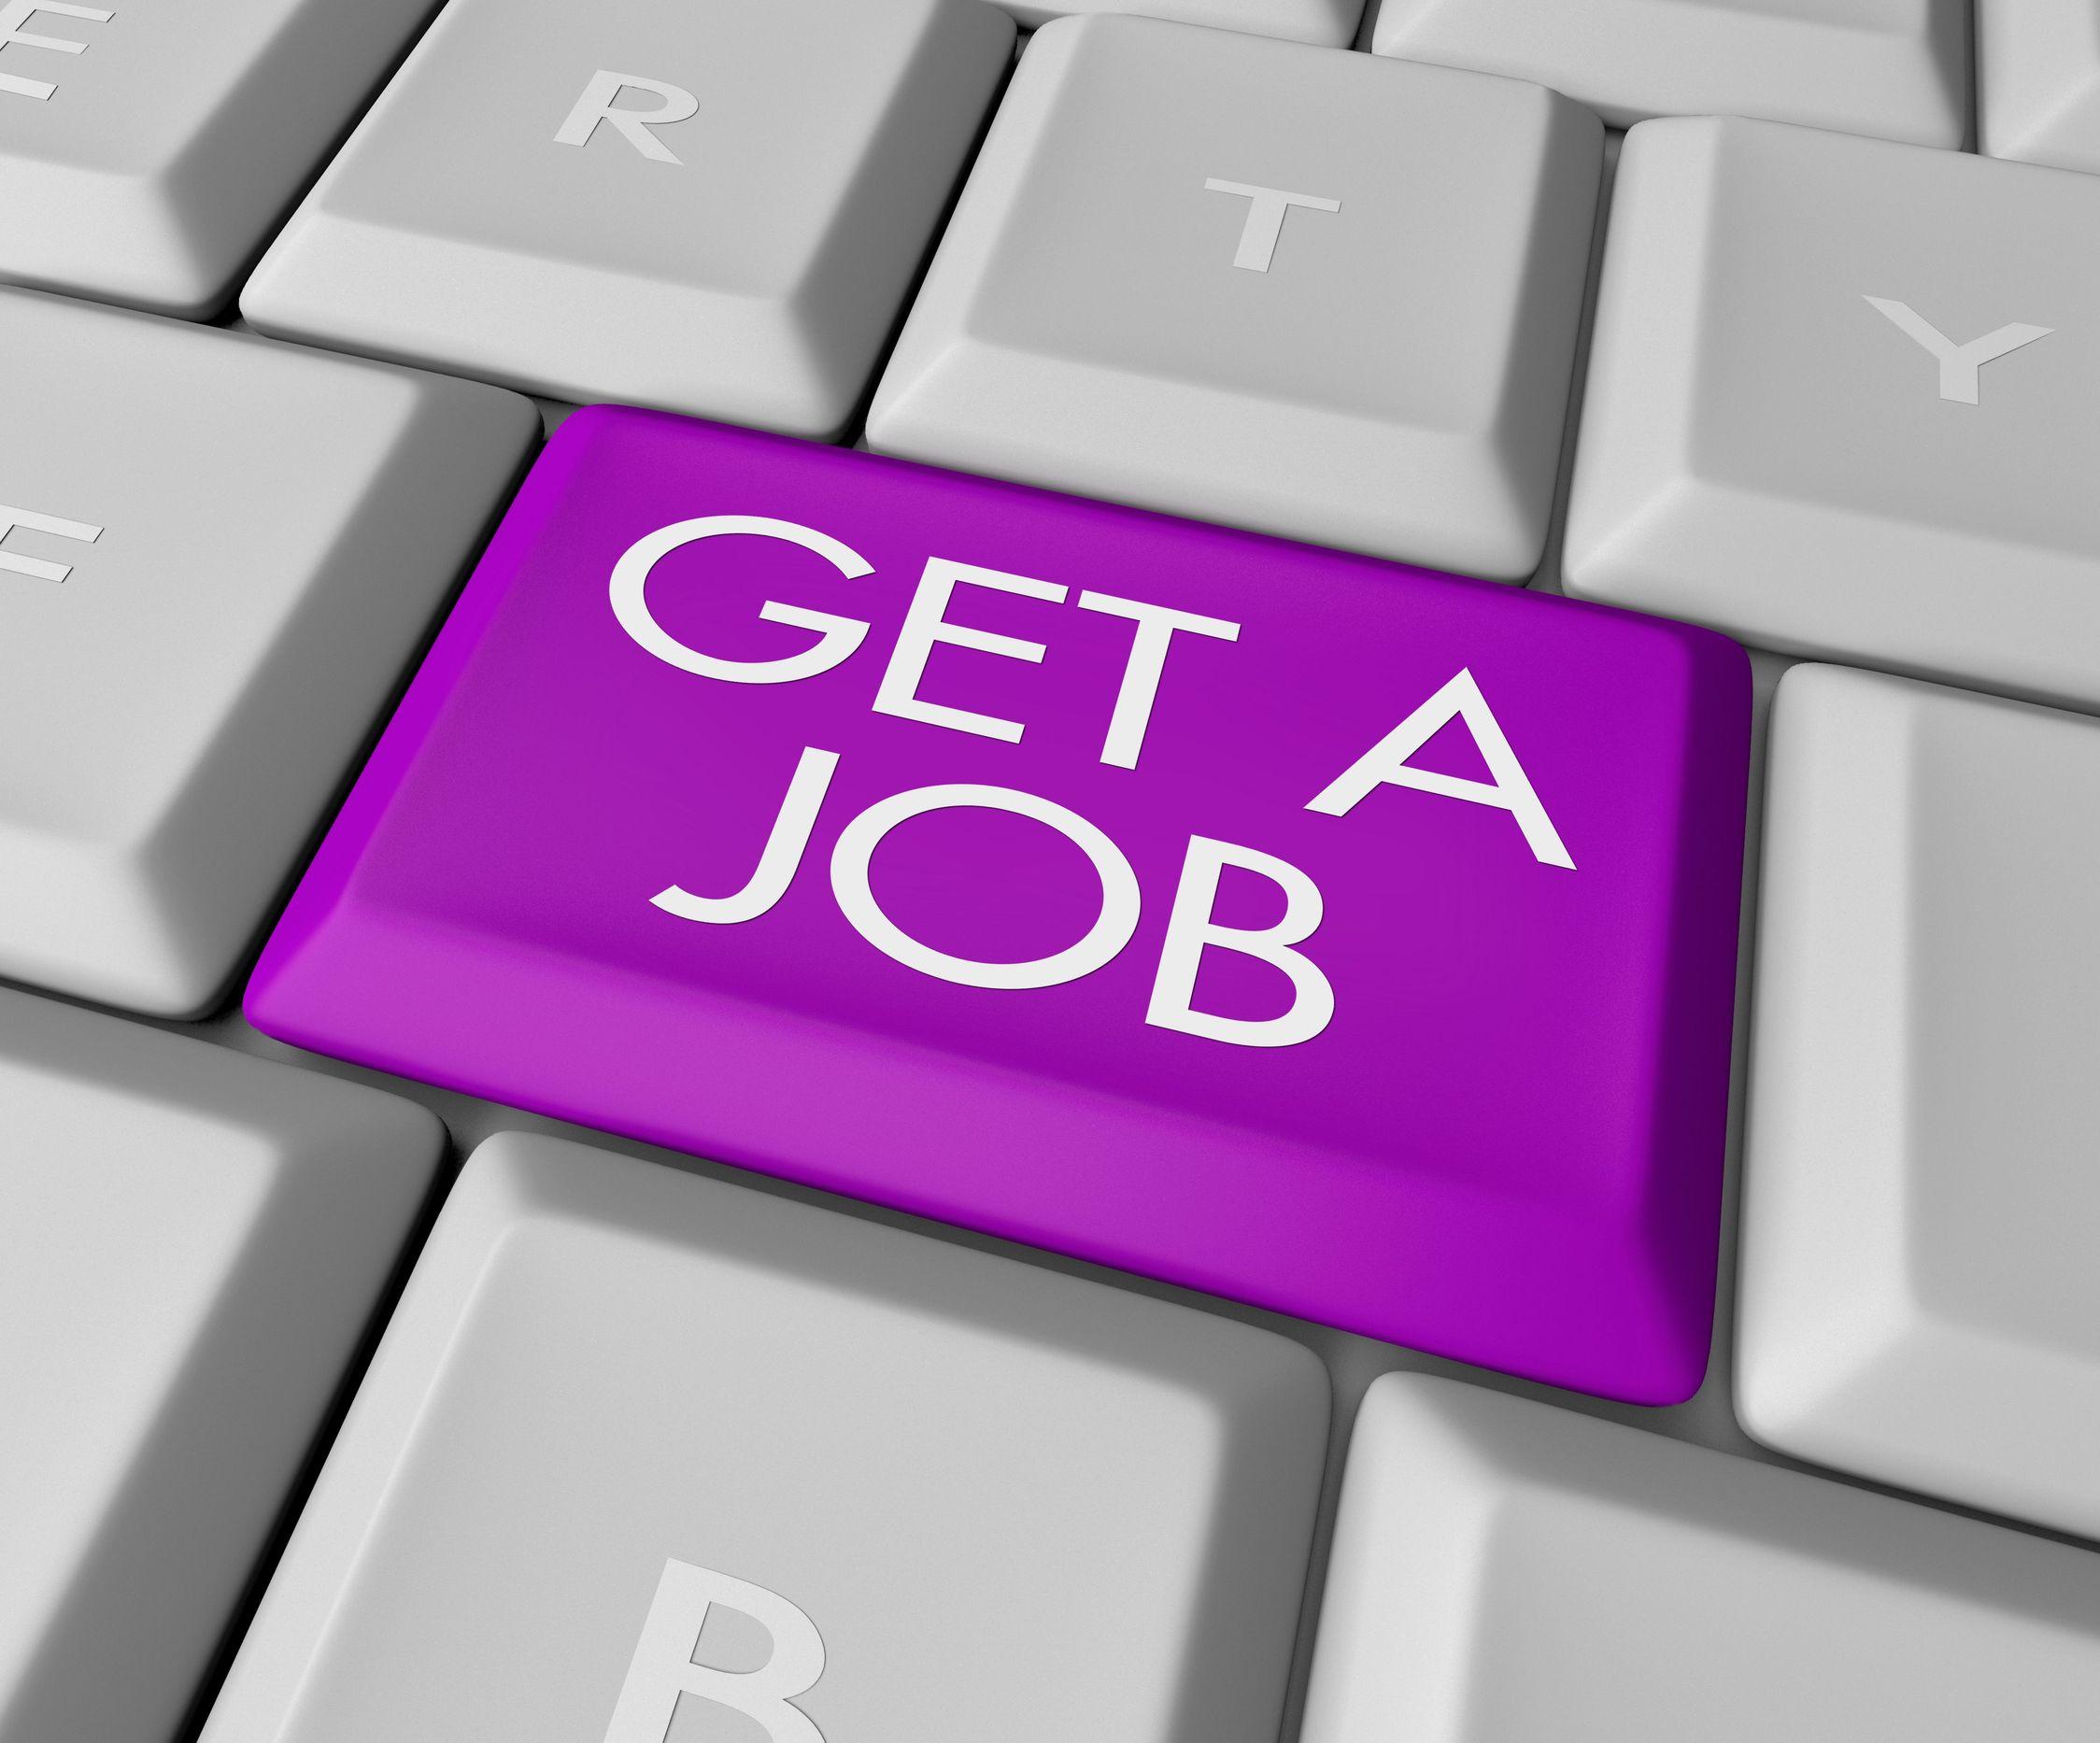 get-job-computer-key